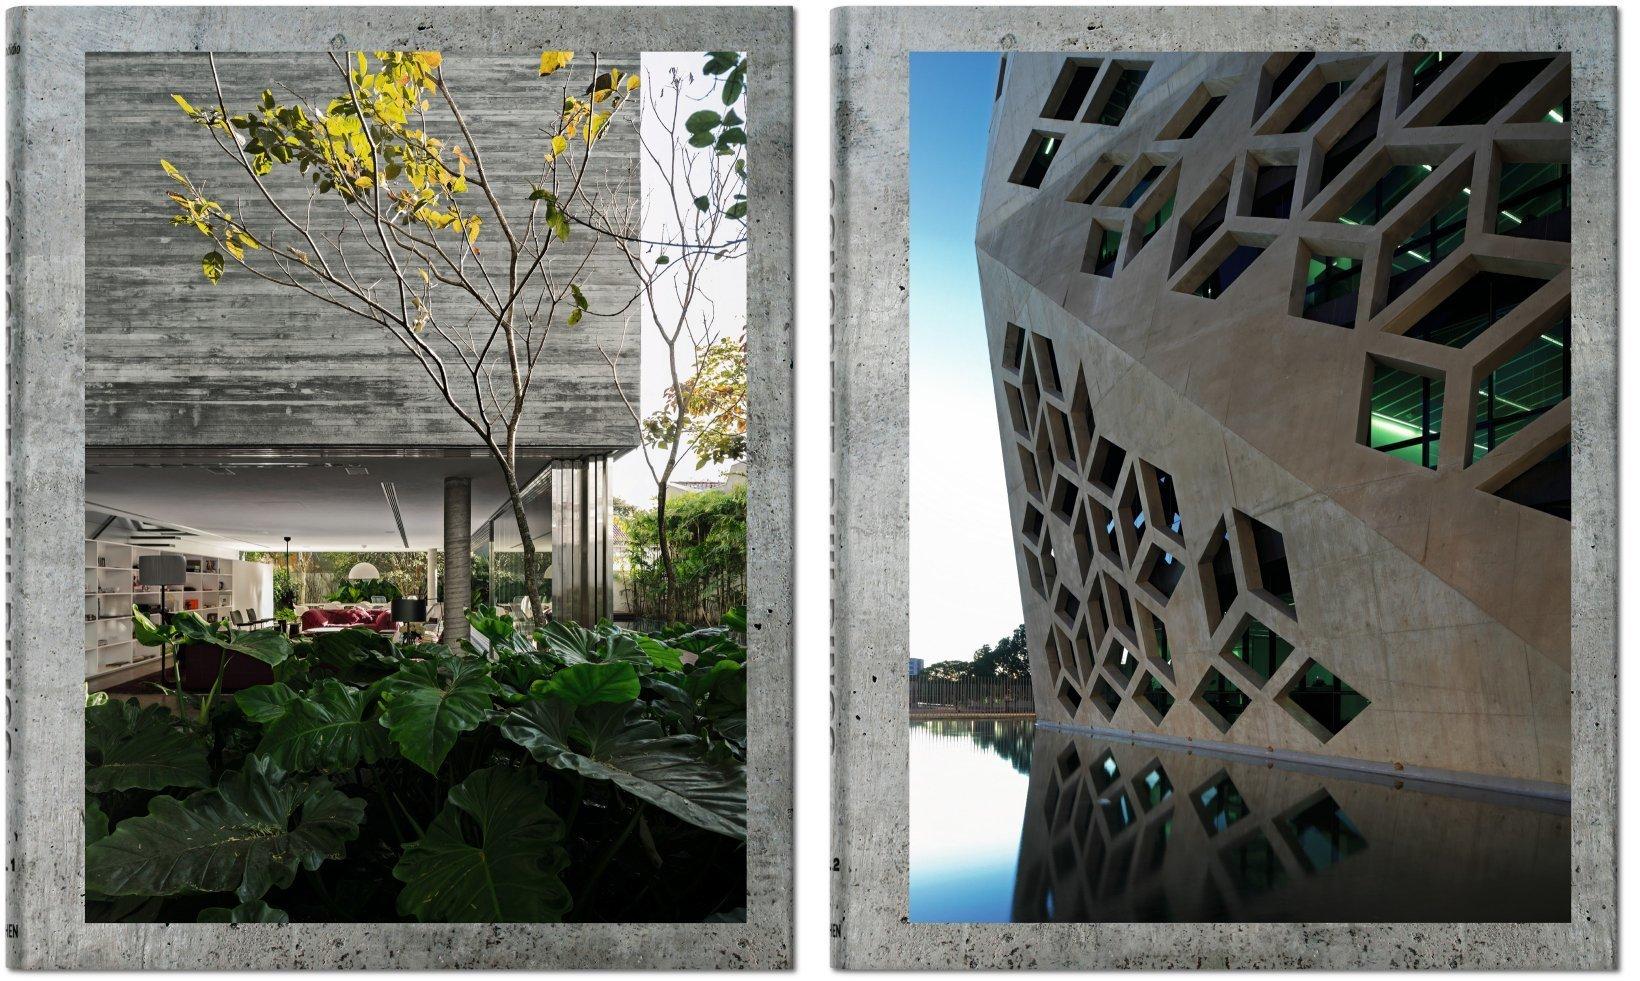 100 Contemporary Concrete Buildings: JU Bibliotheca Universalis: Amazon.es: Jodidio, Philip: Libros en idiomas extranjeros